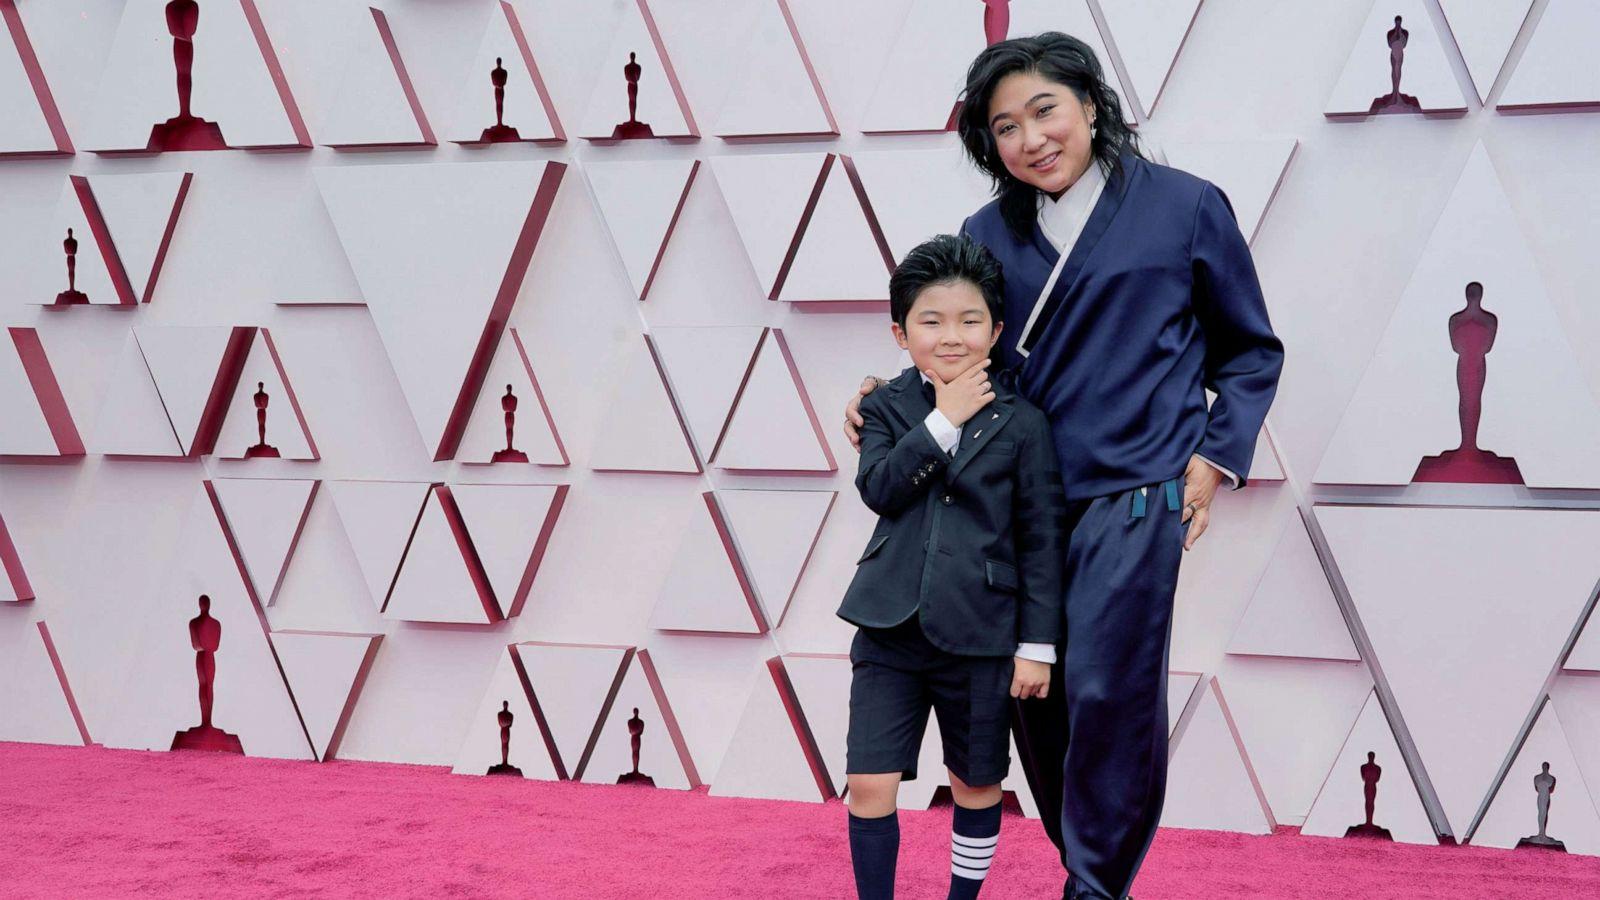 Άλαν Κιμ: ο μικρούλης που έκλεψε την παράσταση στη τελετή απονομής των βραβείων Όσκαρ